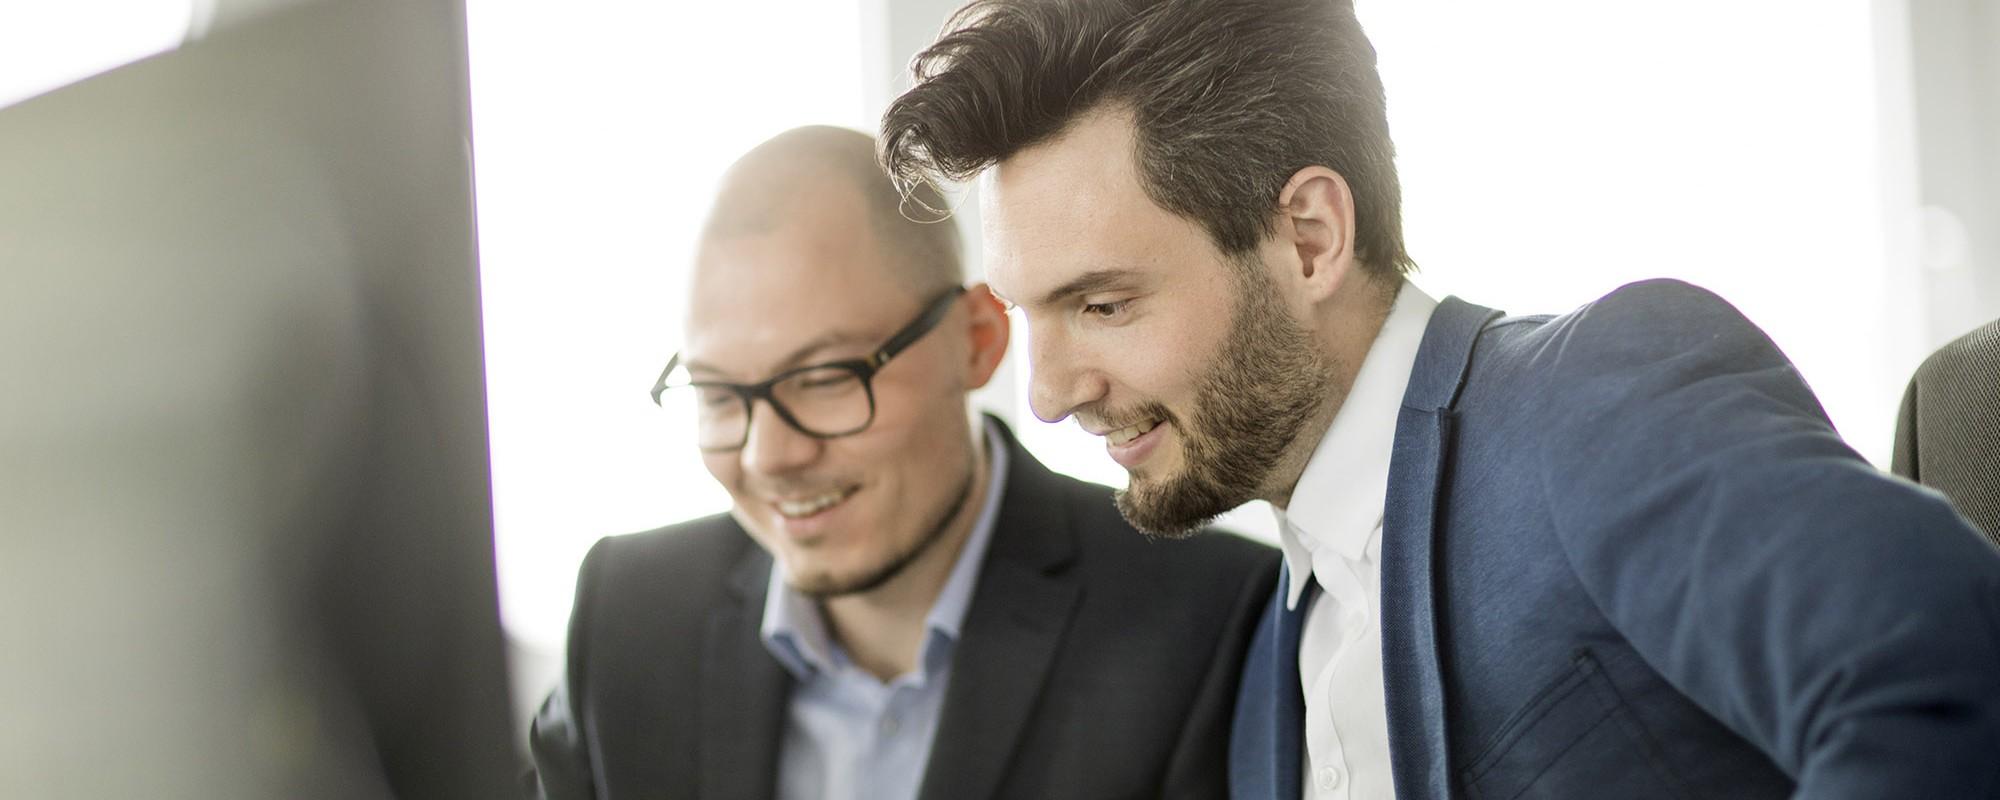 Zwei Männer in Anzügen, welche vor einem Bildschirm sitzen und etwas besprechen.